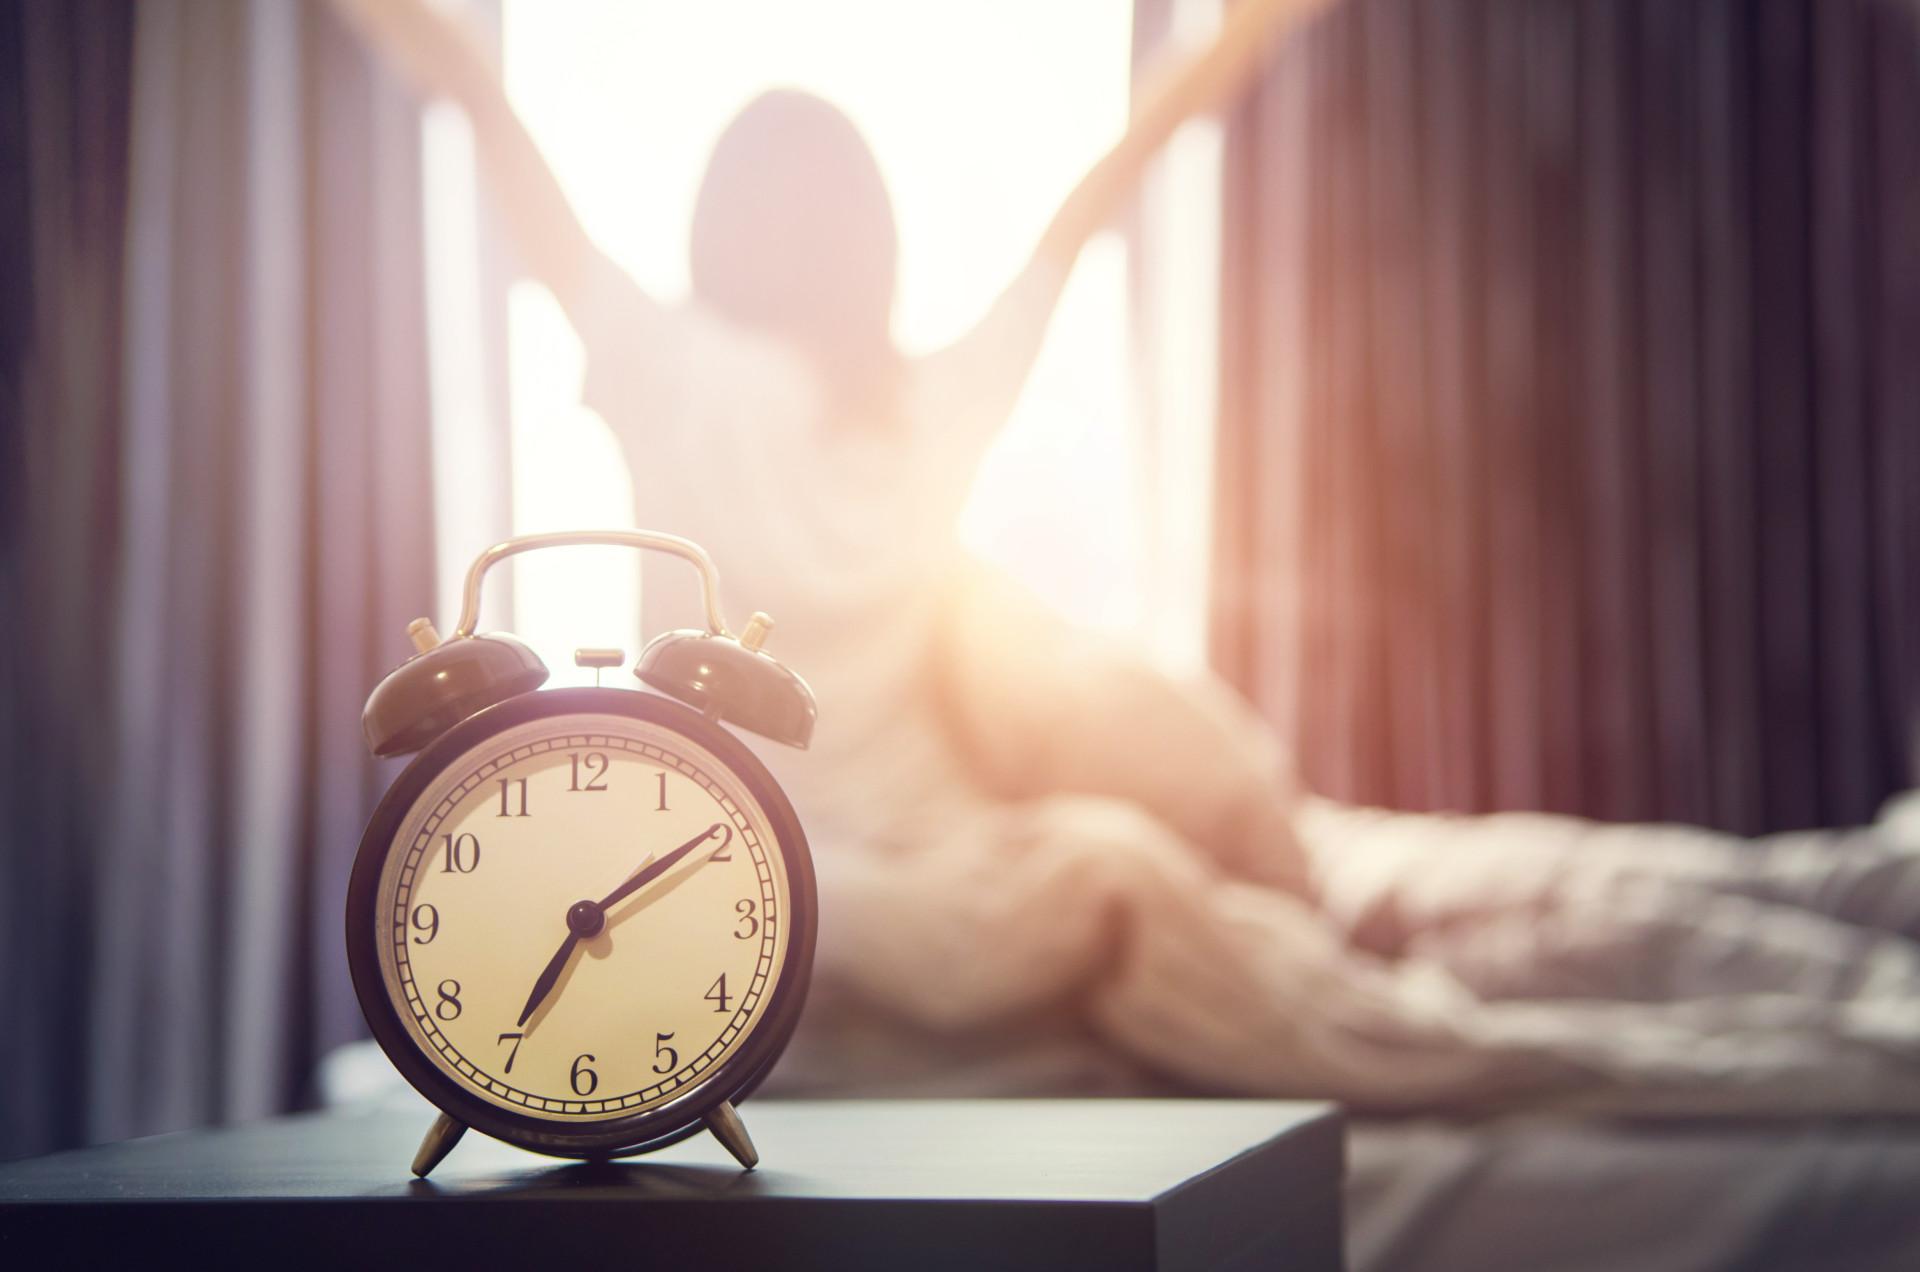 Heb je er een hekel aan om vroeg op te staan? Dit is waarom